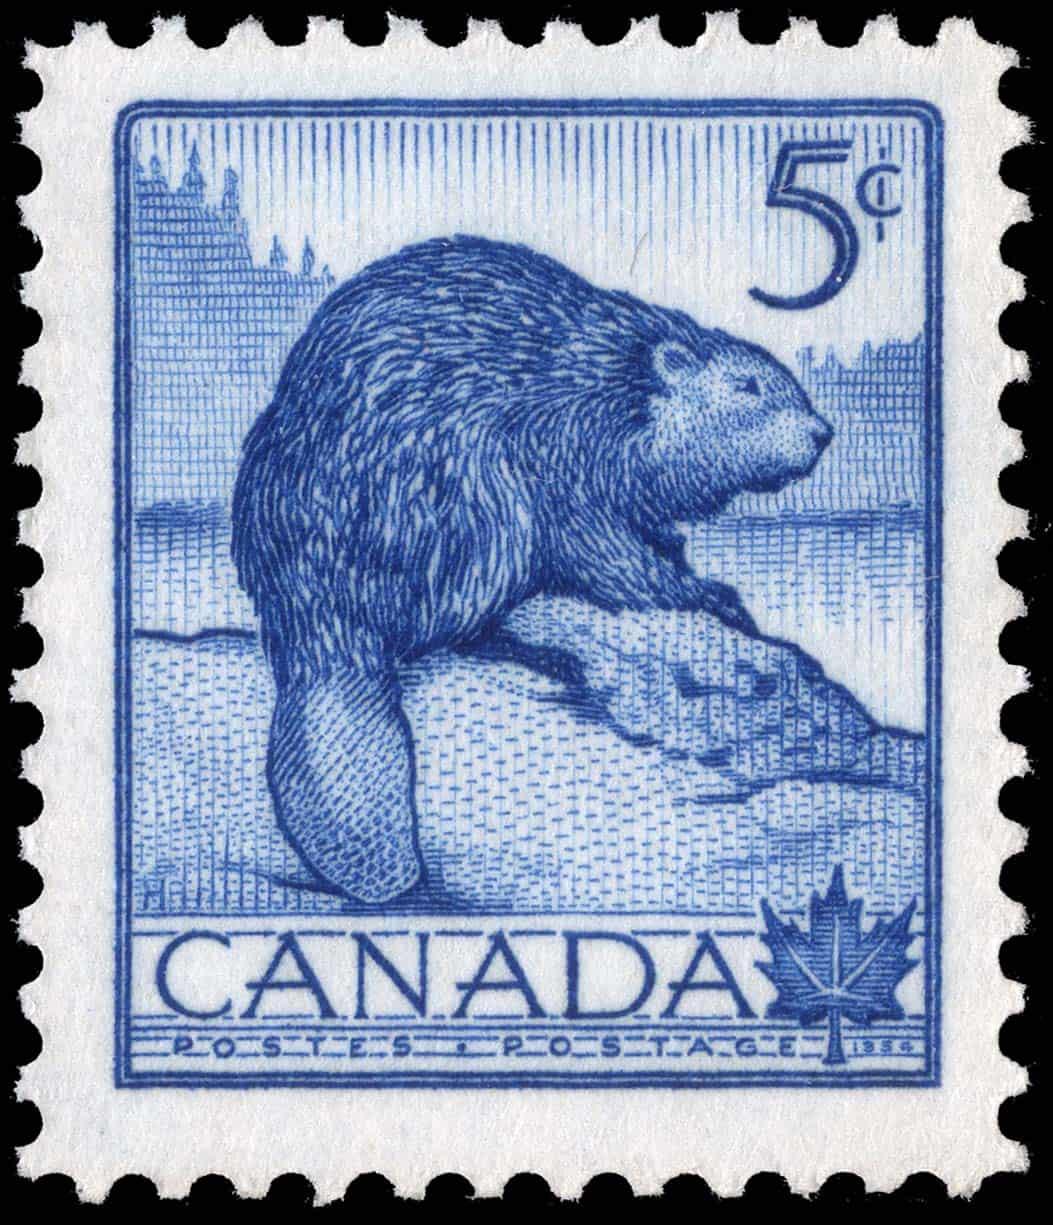 Der Biber ist als Nationaltier Kanadas auch auf Briefmarken verewigt worden, wie hier auf einer 5 Cent Marke aus dem Jahr 1954. Foto Canada Post